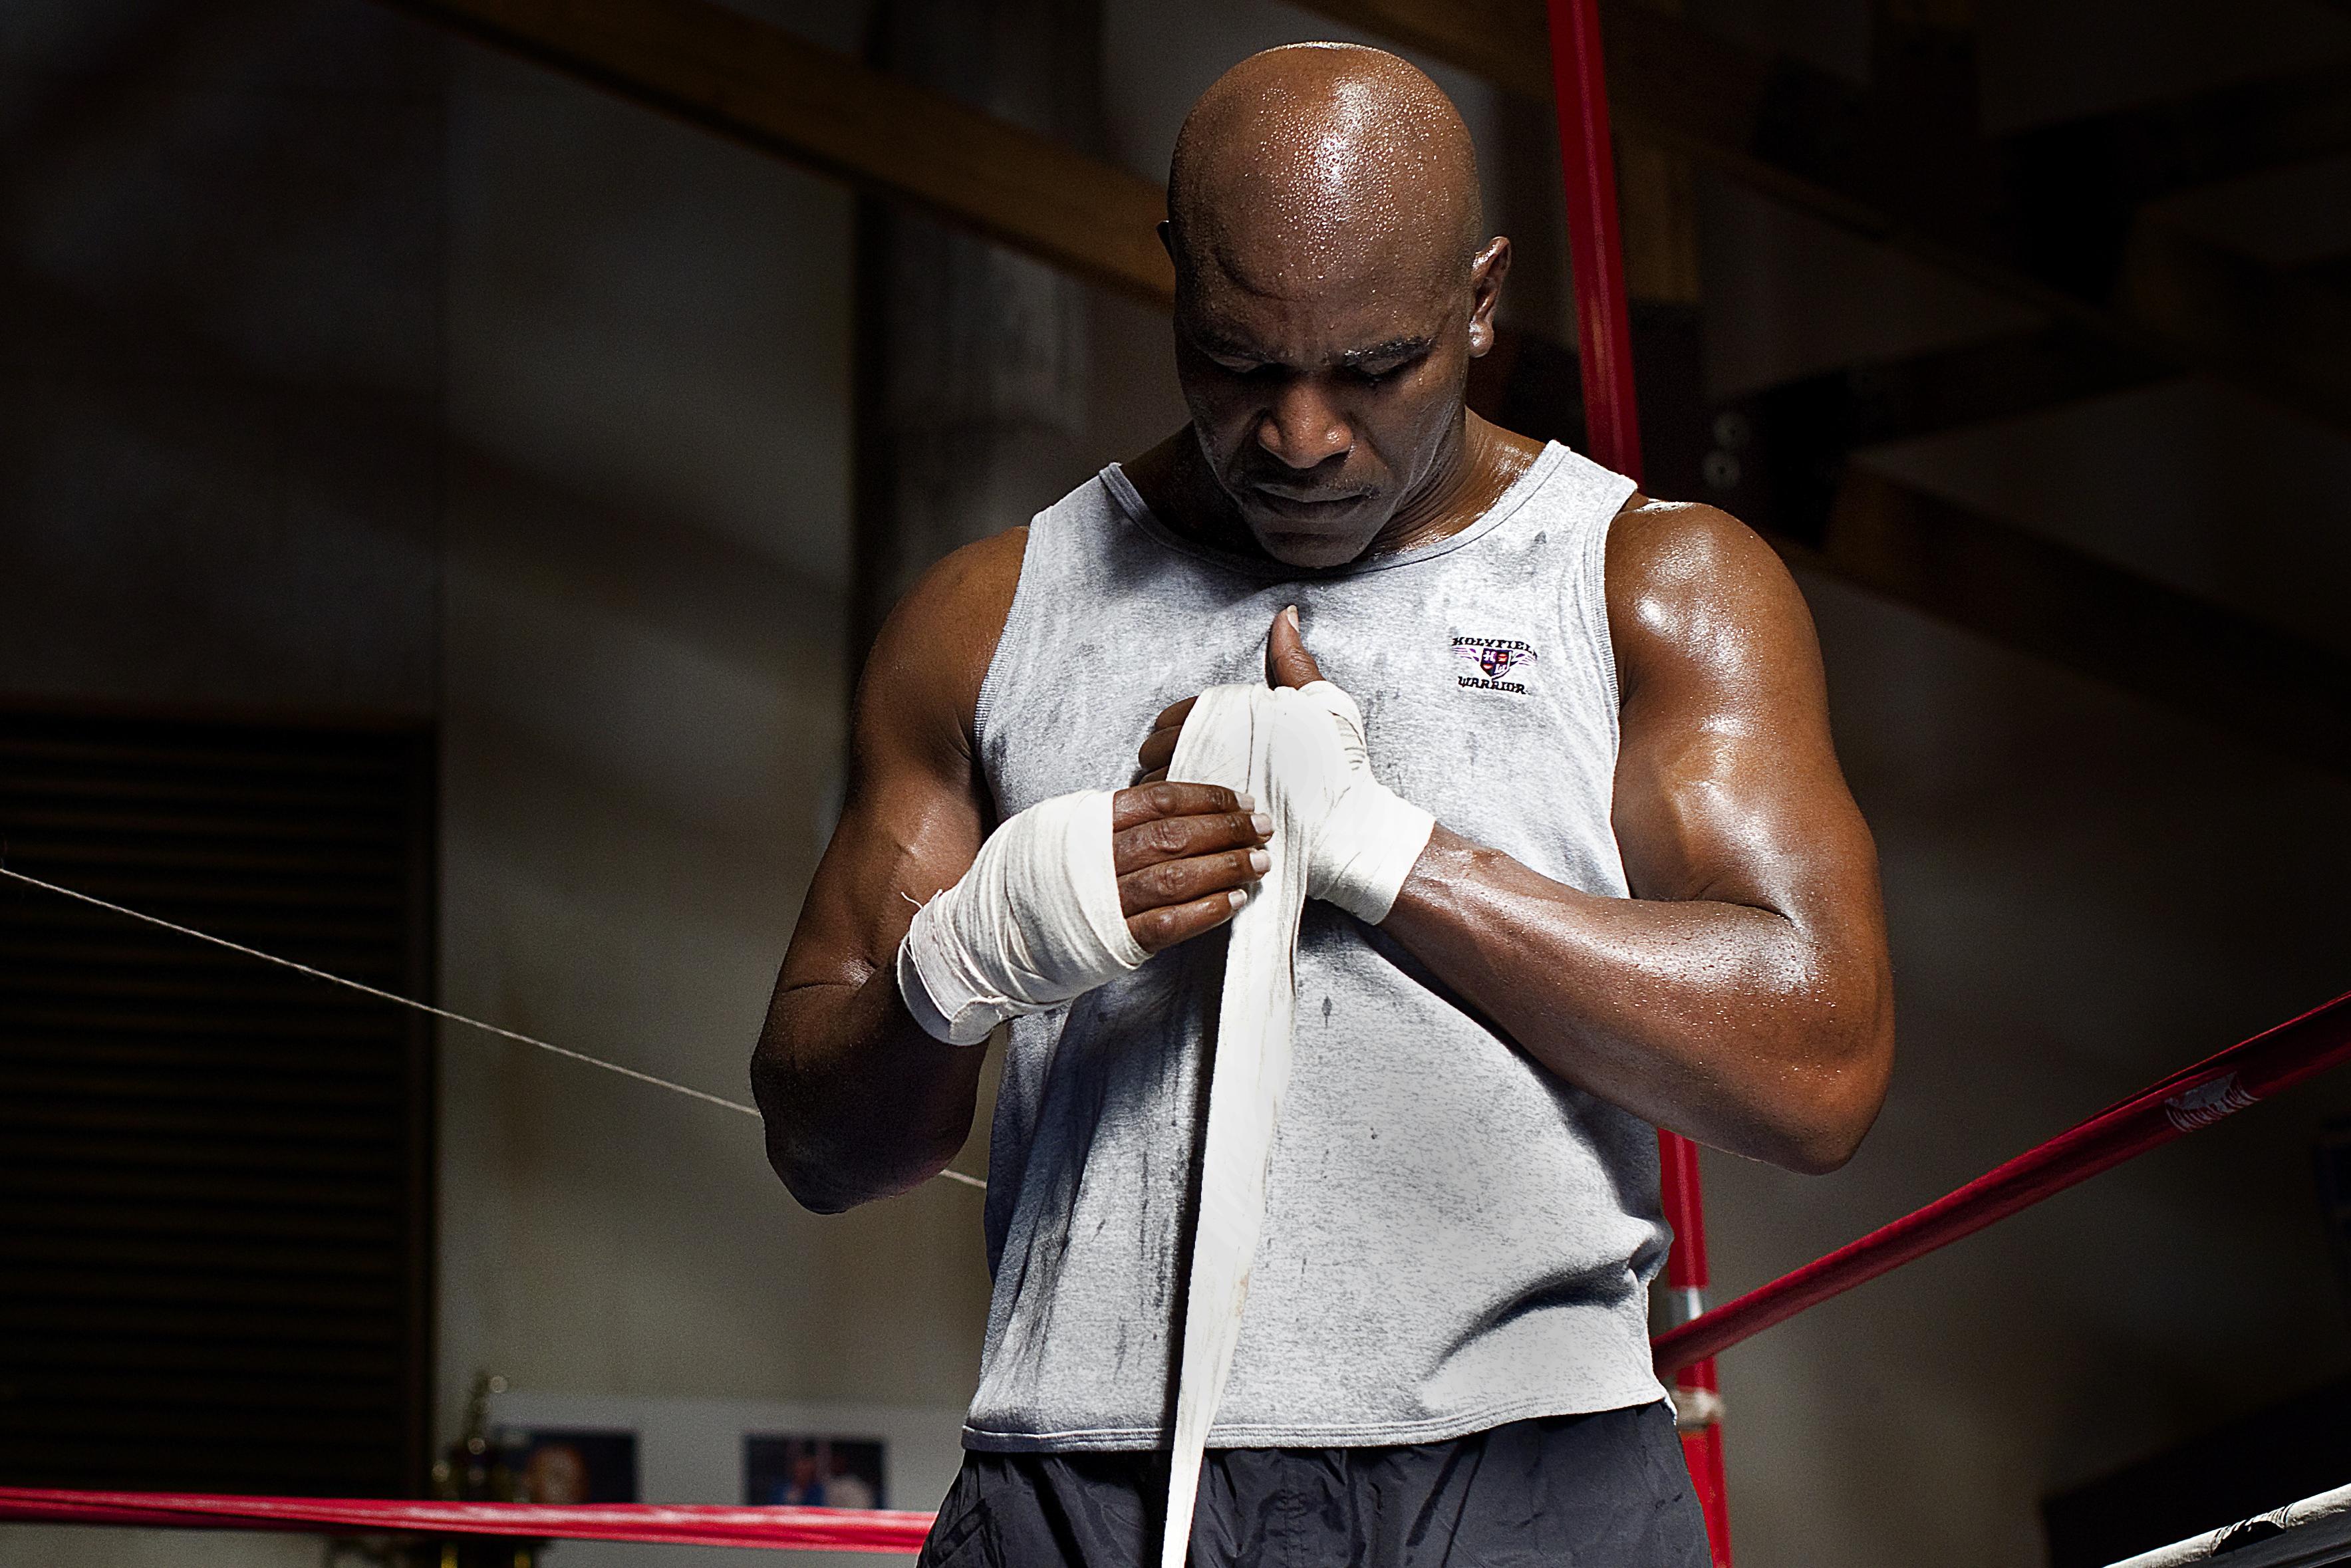 фото боксеров на ринге в высоком качестве всего происходит воспаление